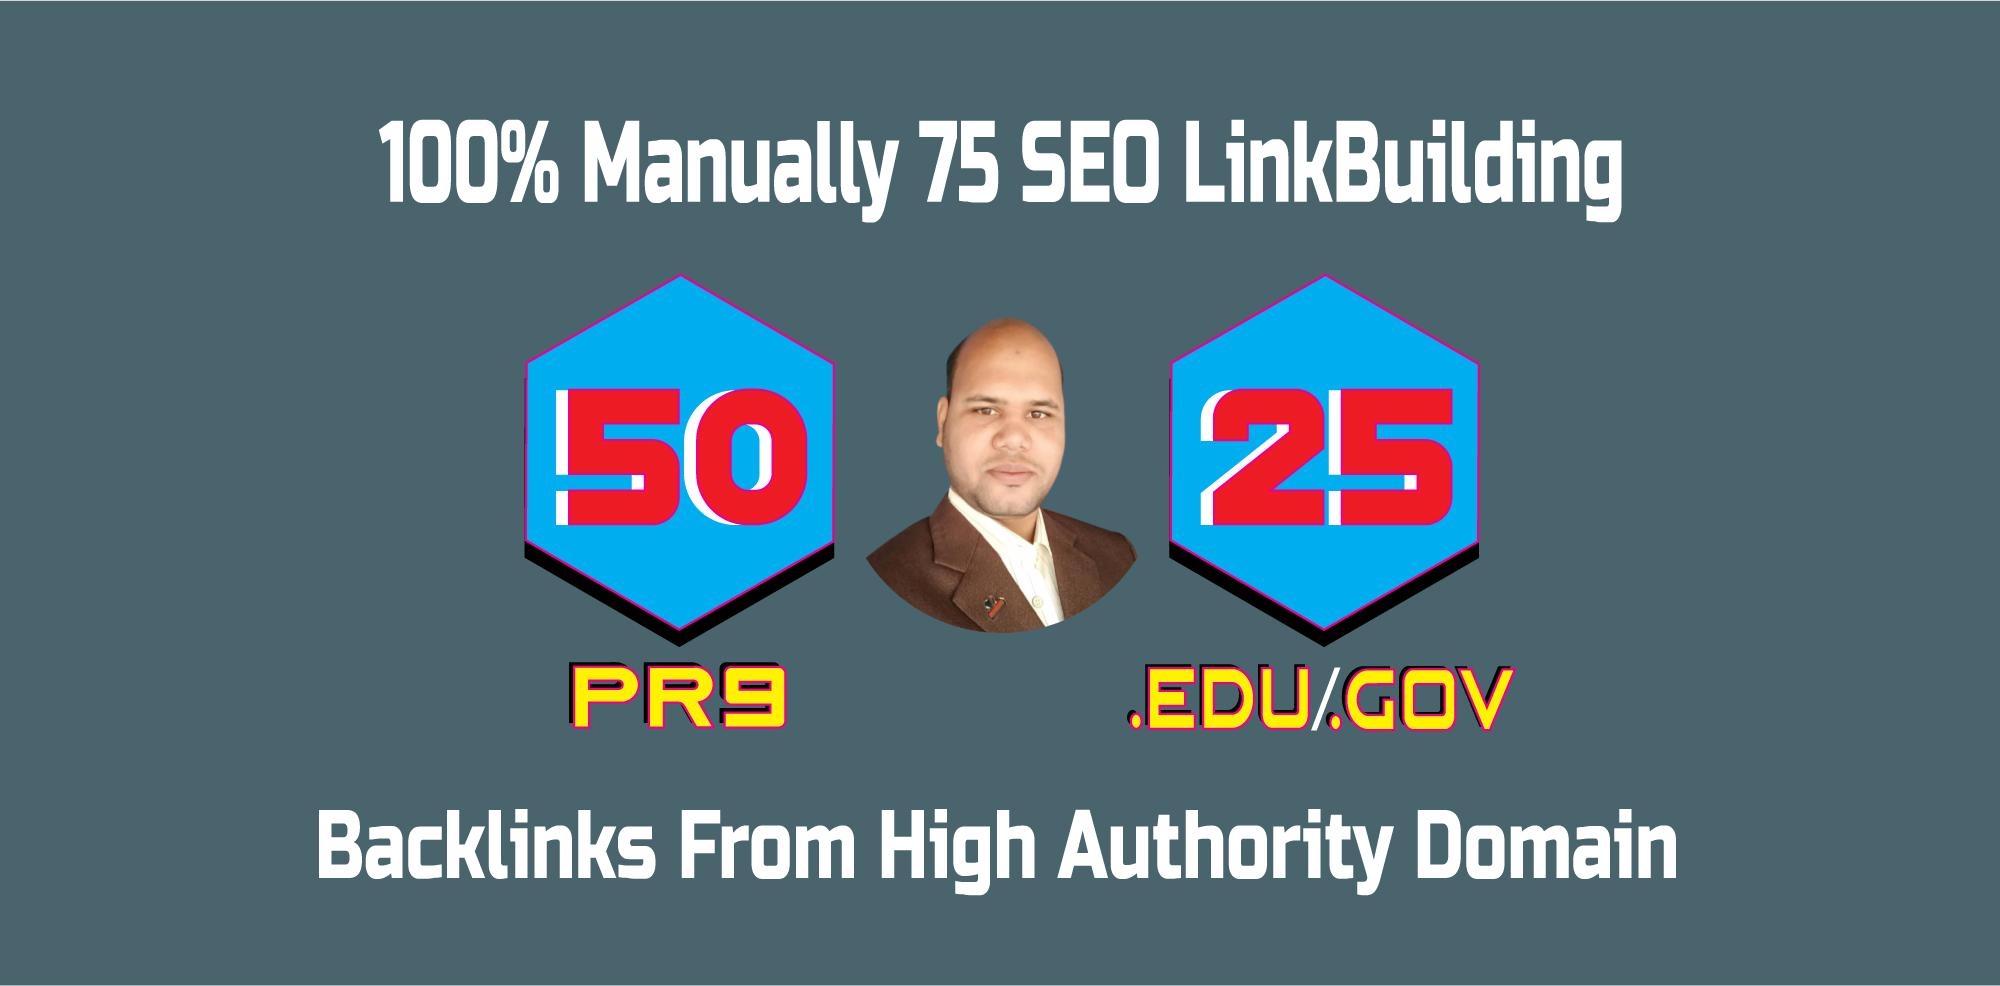 50 PR9 + 25 EDU GOV Backlinks From HQ Domains